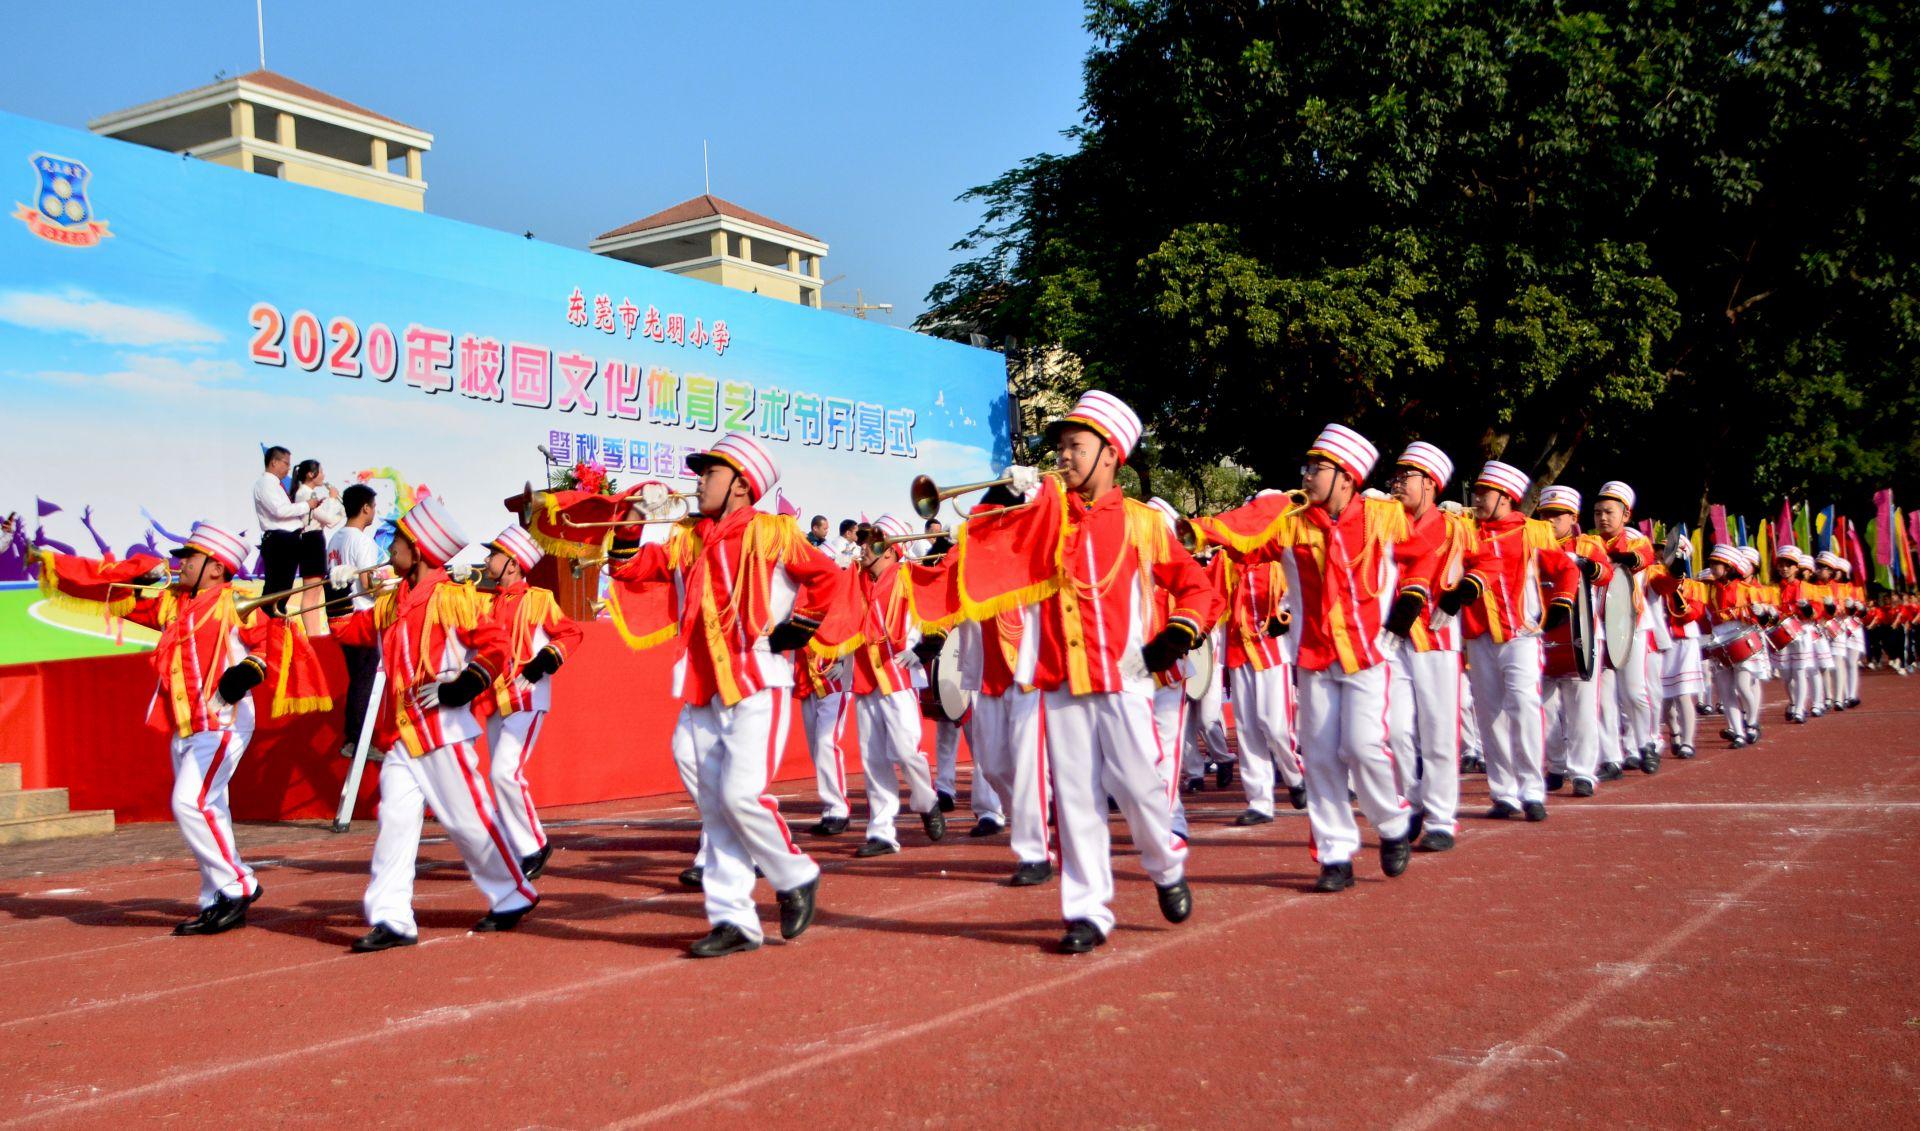 东莞市光明小学2020年校园文化体育艺术节盛大开幕